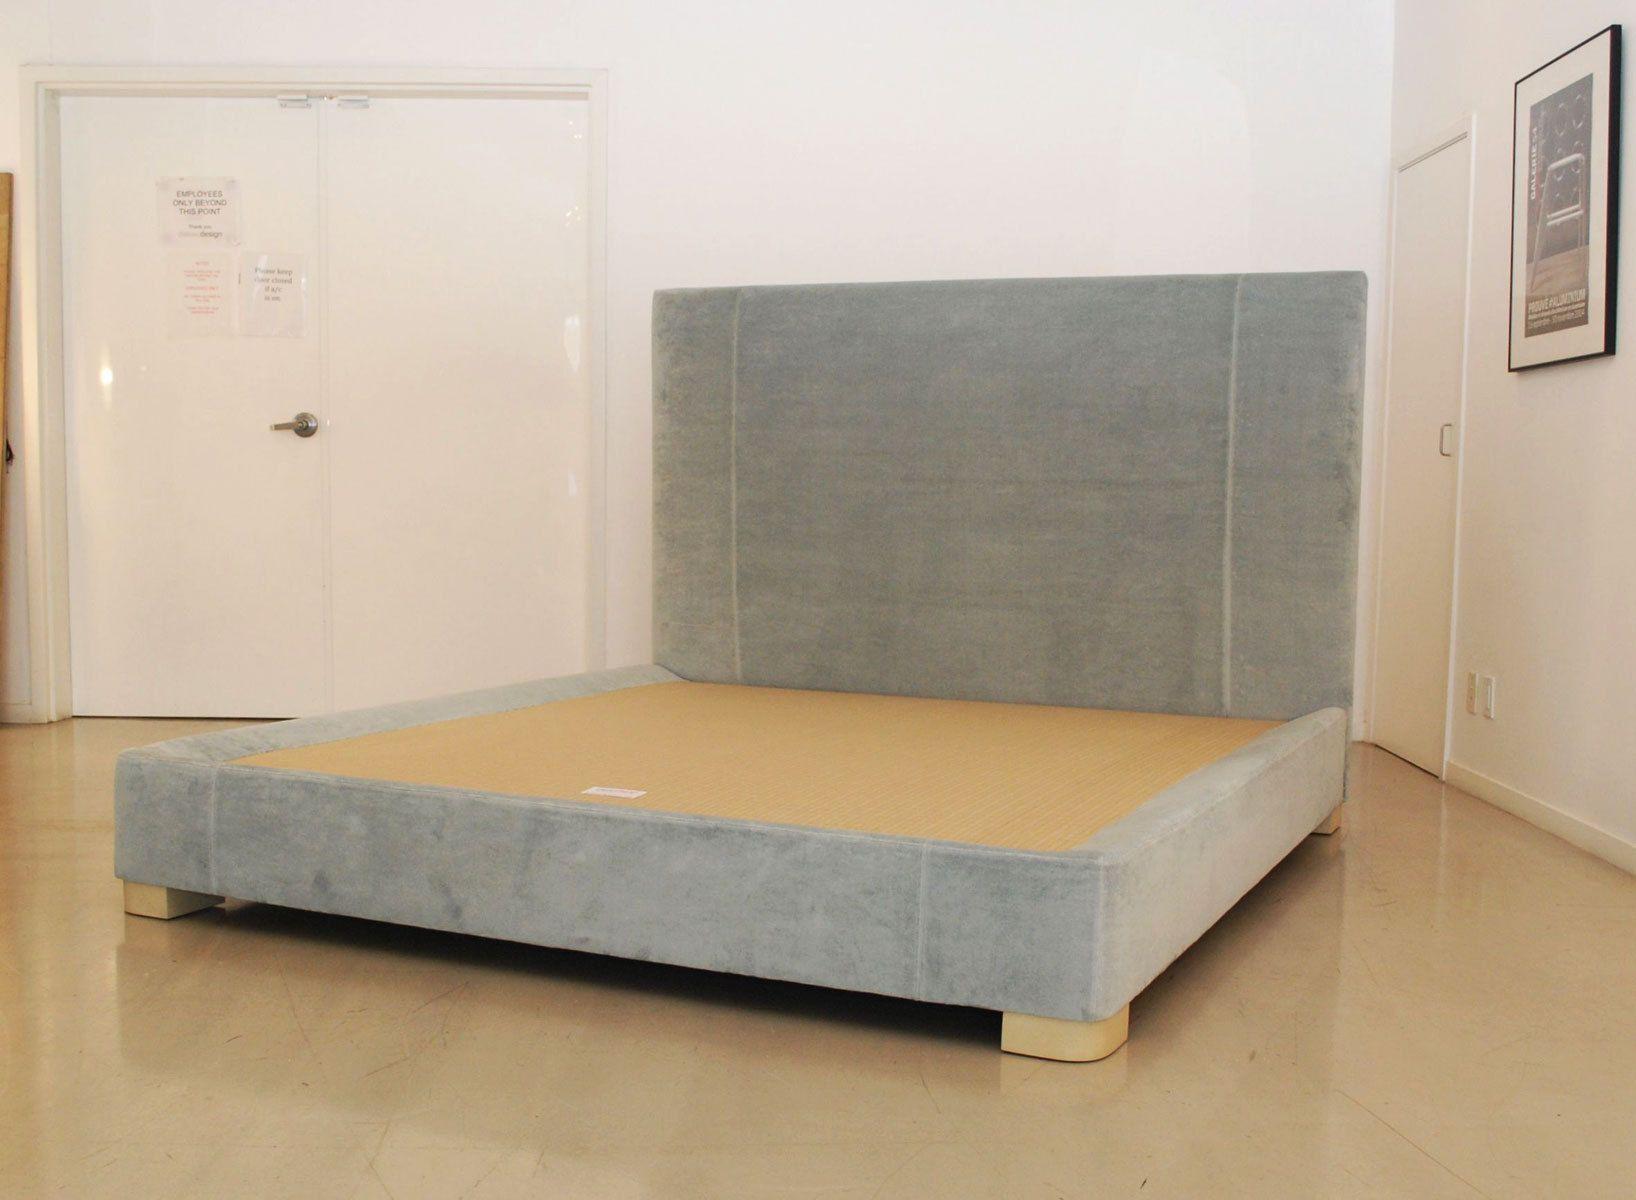 Custom Upholstered Headboard & Bed base